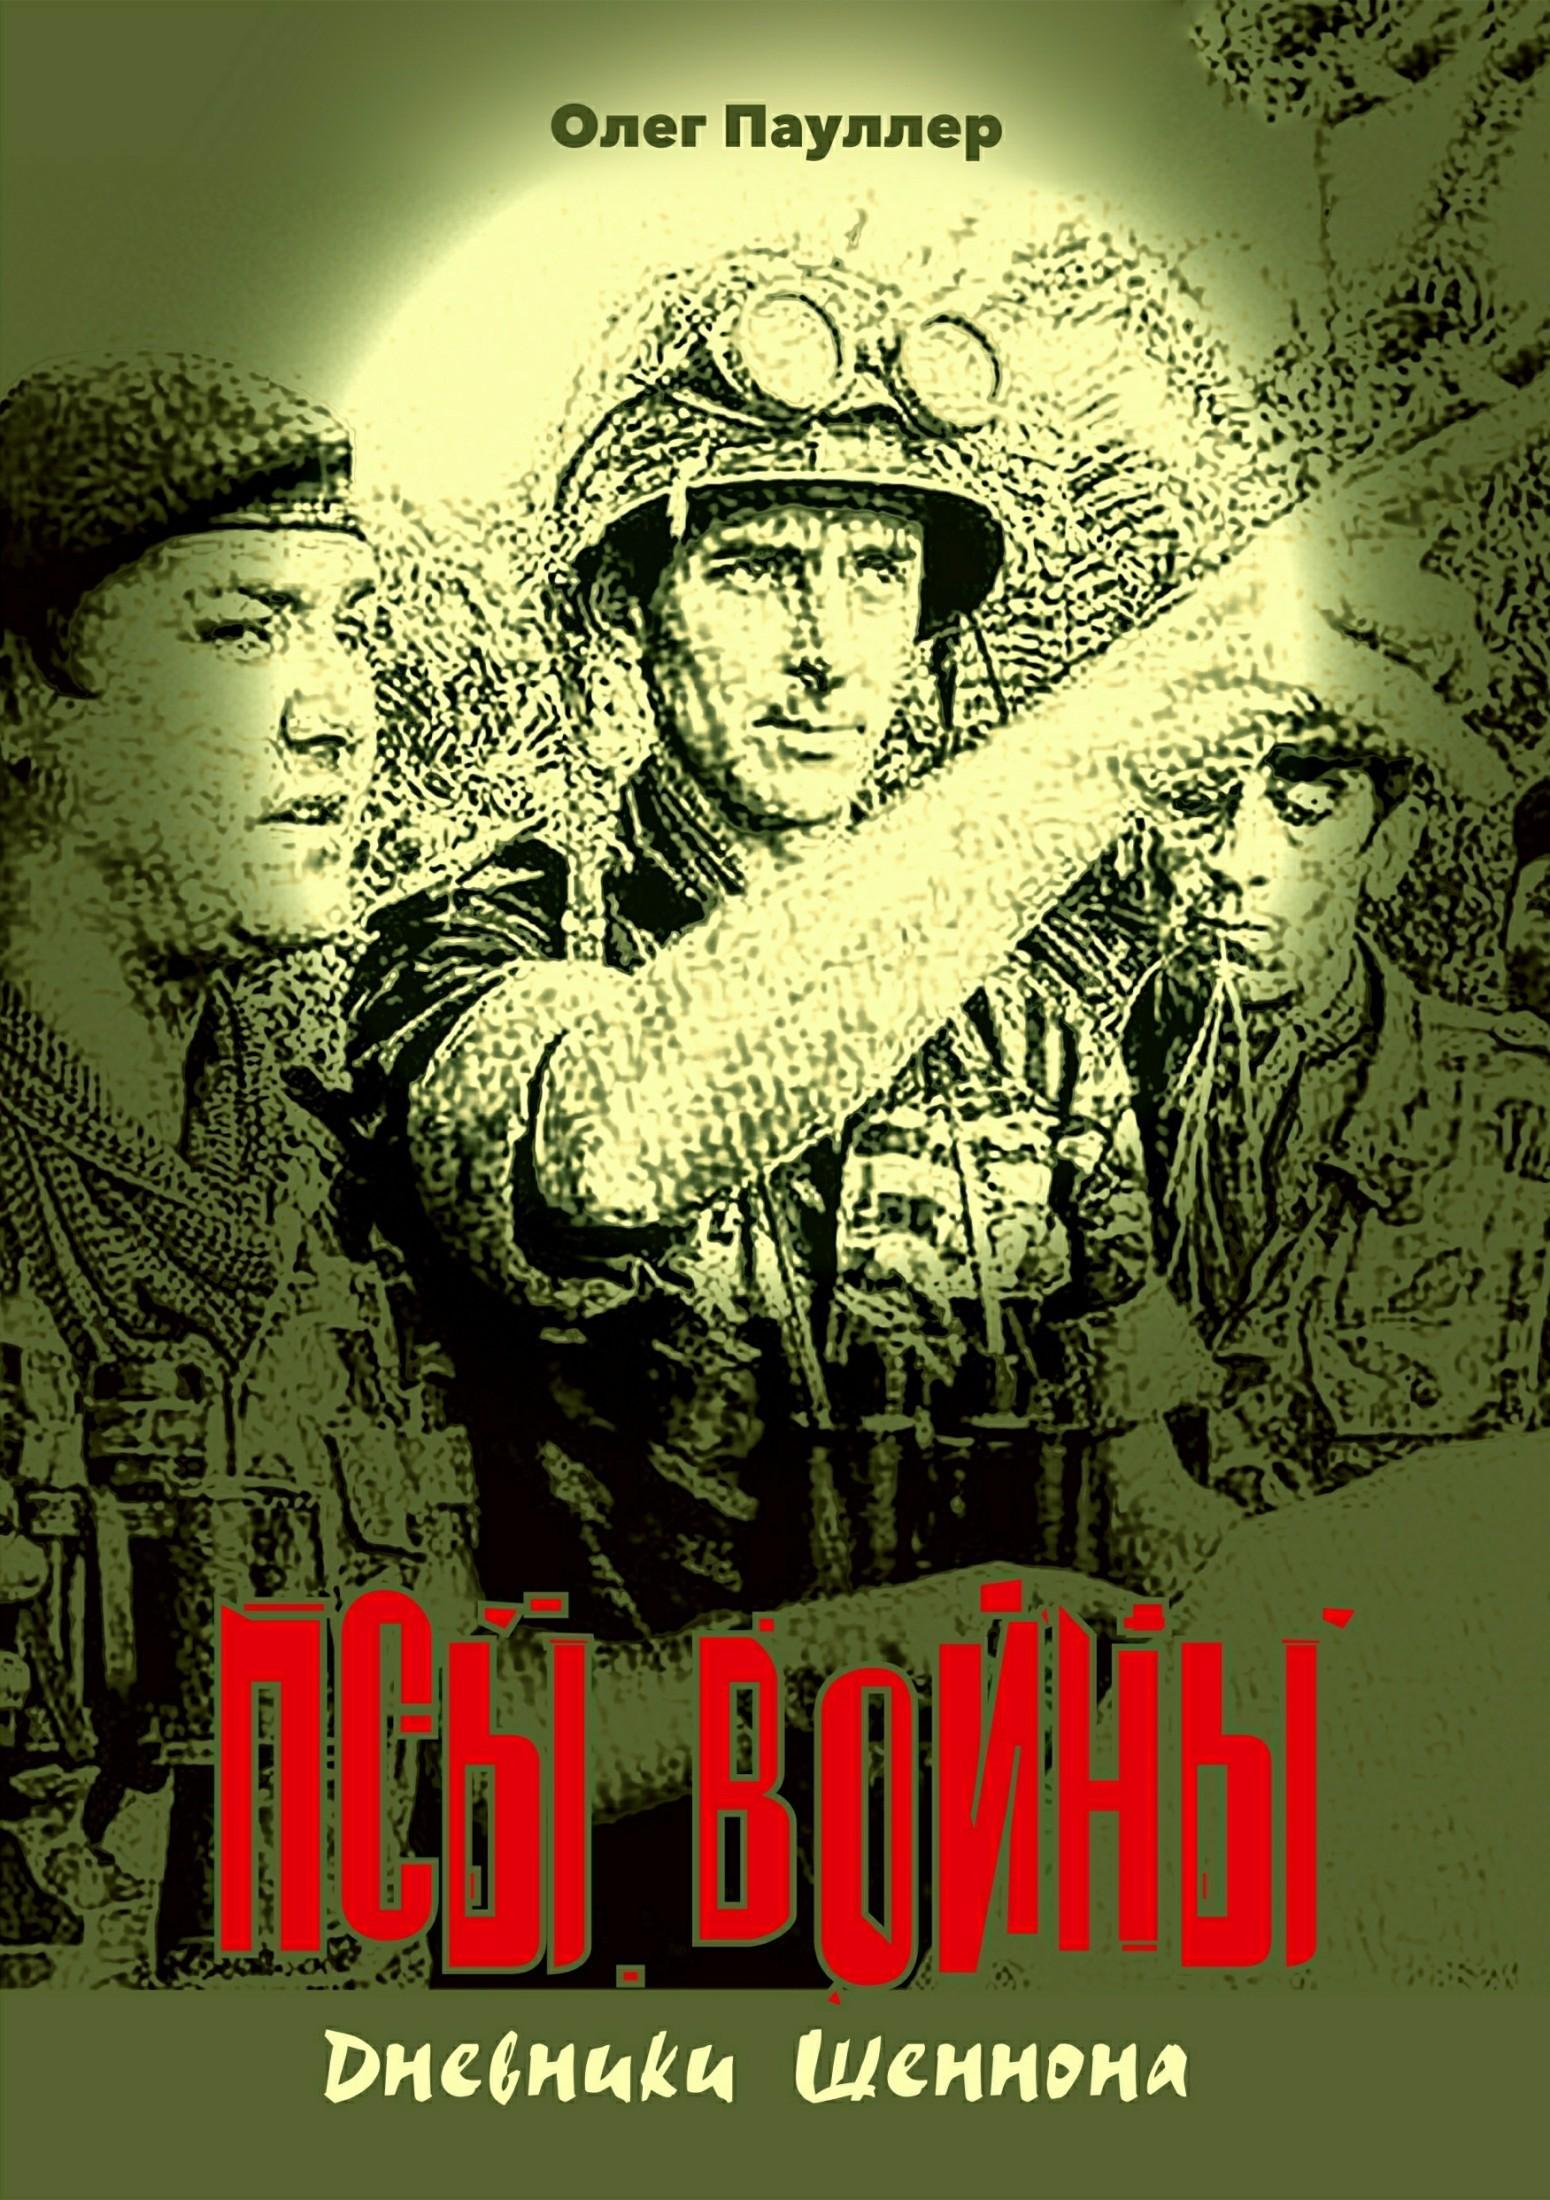 Псы войны 2: Дневники Шеннона